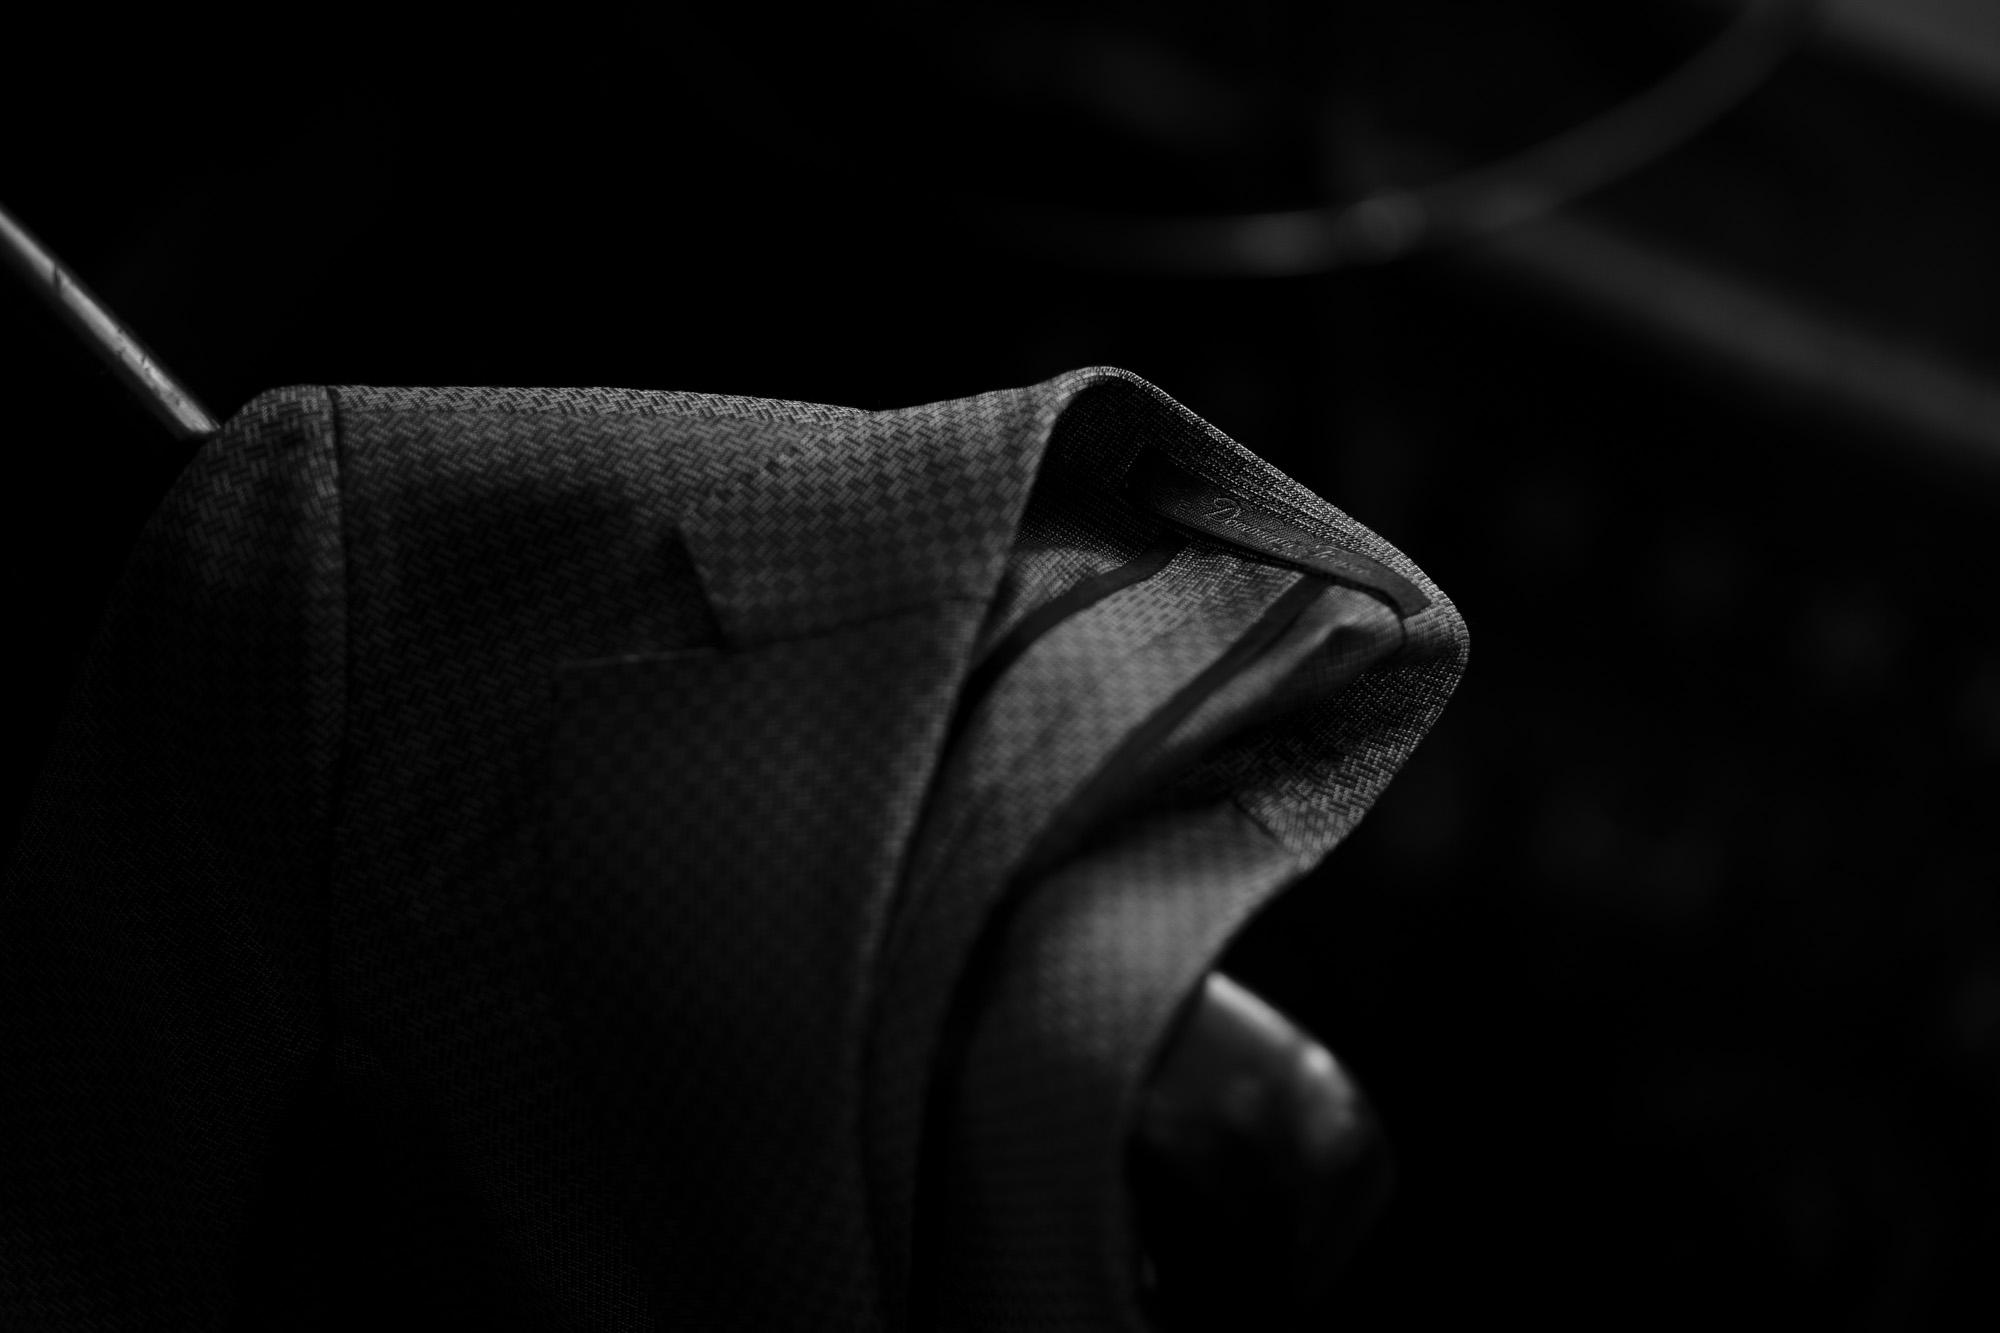 cuervo bopoha(クエルボ ヴァローナ) Sartoria Collection (サルトリア コレクション) Lobb (ロブ) Dominique France ドミニック フランス 3B ジャケット GRAY (グレー) MADE IN JAPAN (日本製) 2020 【Special Model】  ドミニックフランス ドミニクフランス ジャケット 超絶ブランド ドミニクフランス ネクタイ 高級 フランス 愛知 名古屋 altoediritto アルトエデリット